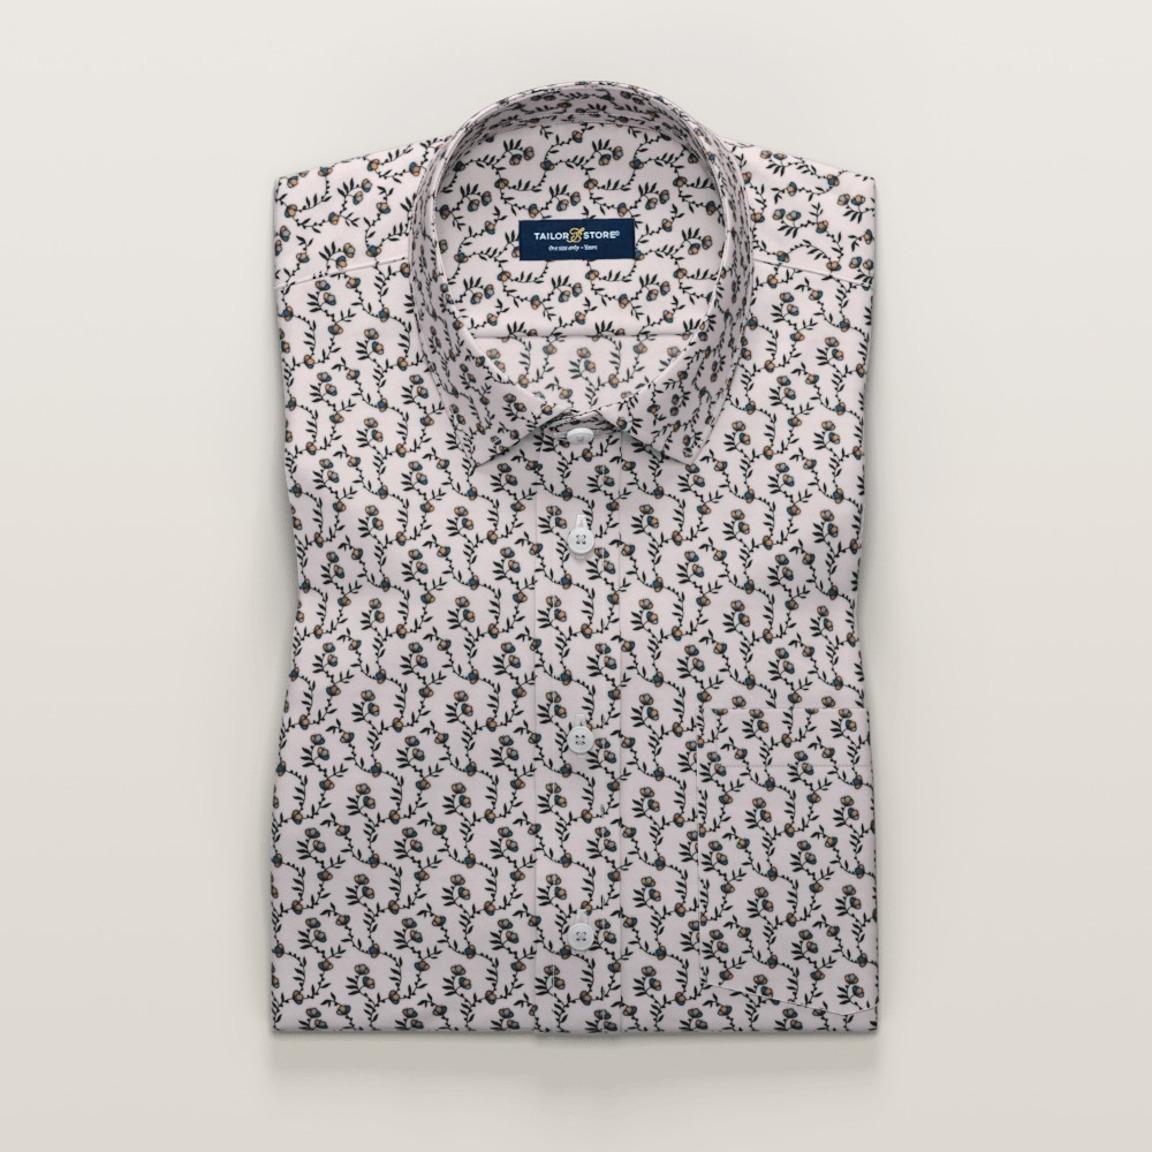 Elfenbeinfarbenes bedrucktes Hemd mit kurzen Ärmeln